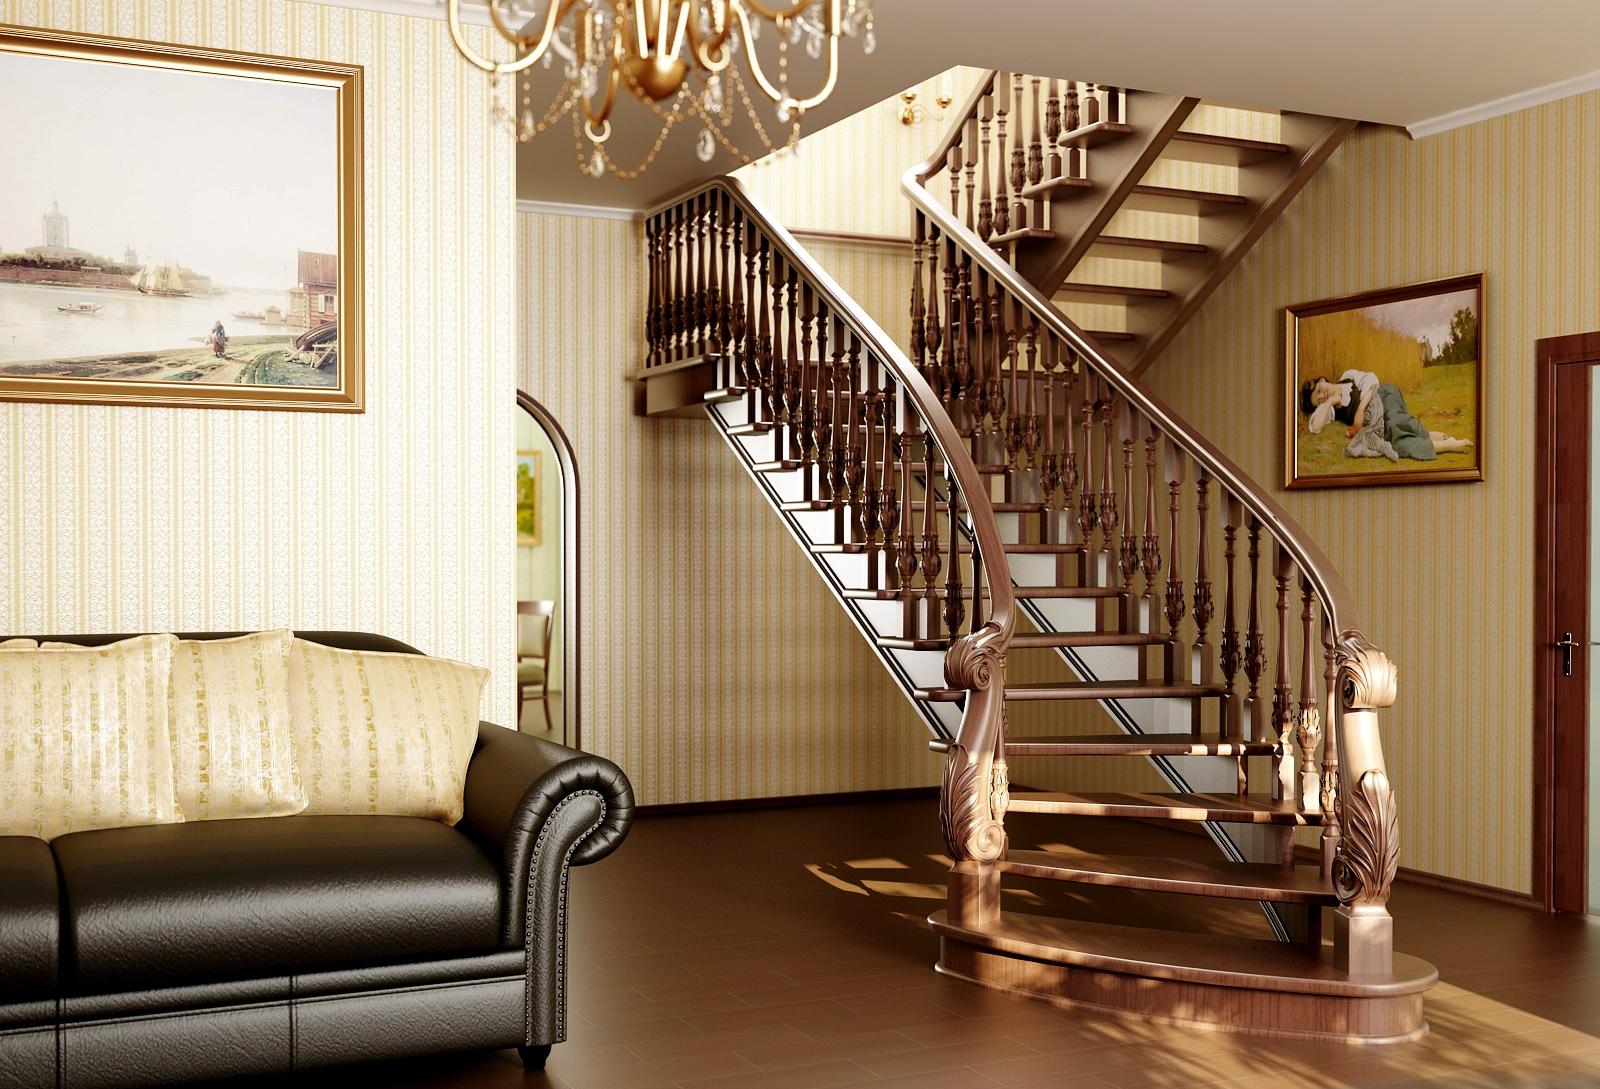 Стандартная деревянная лестница или сказочная стеклянная, чему отдать свое предпочтение?